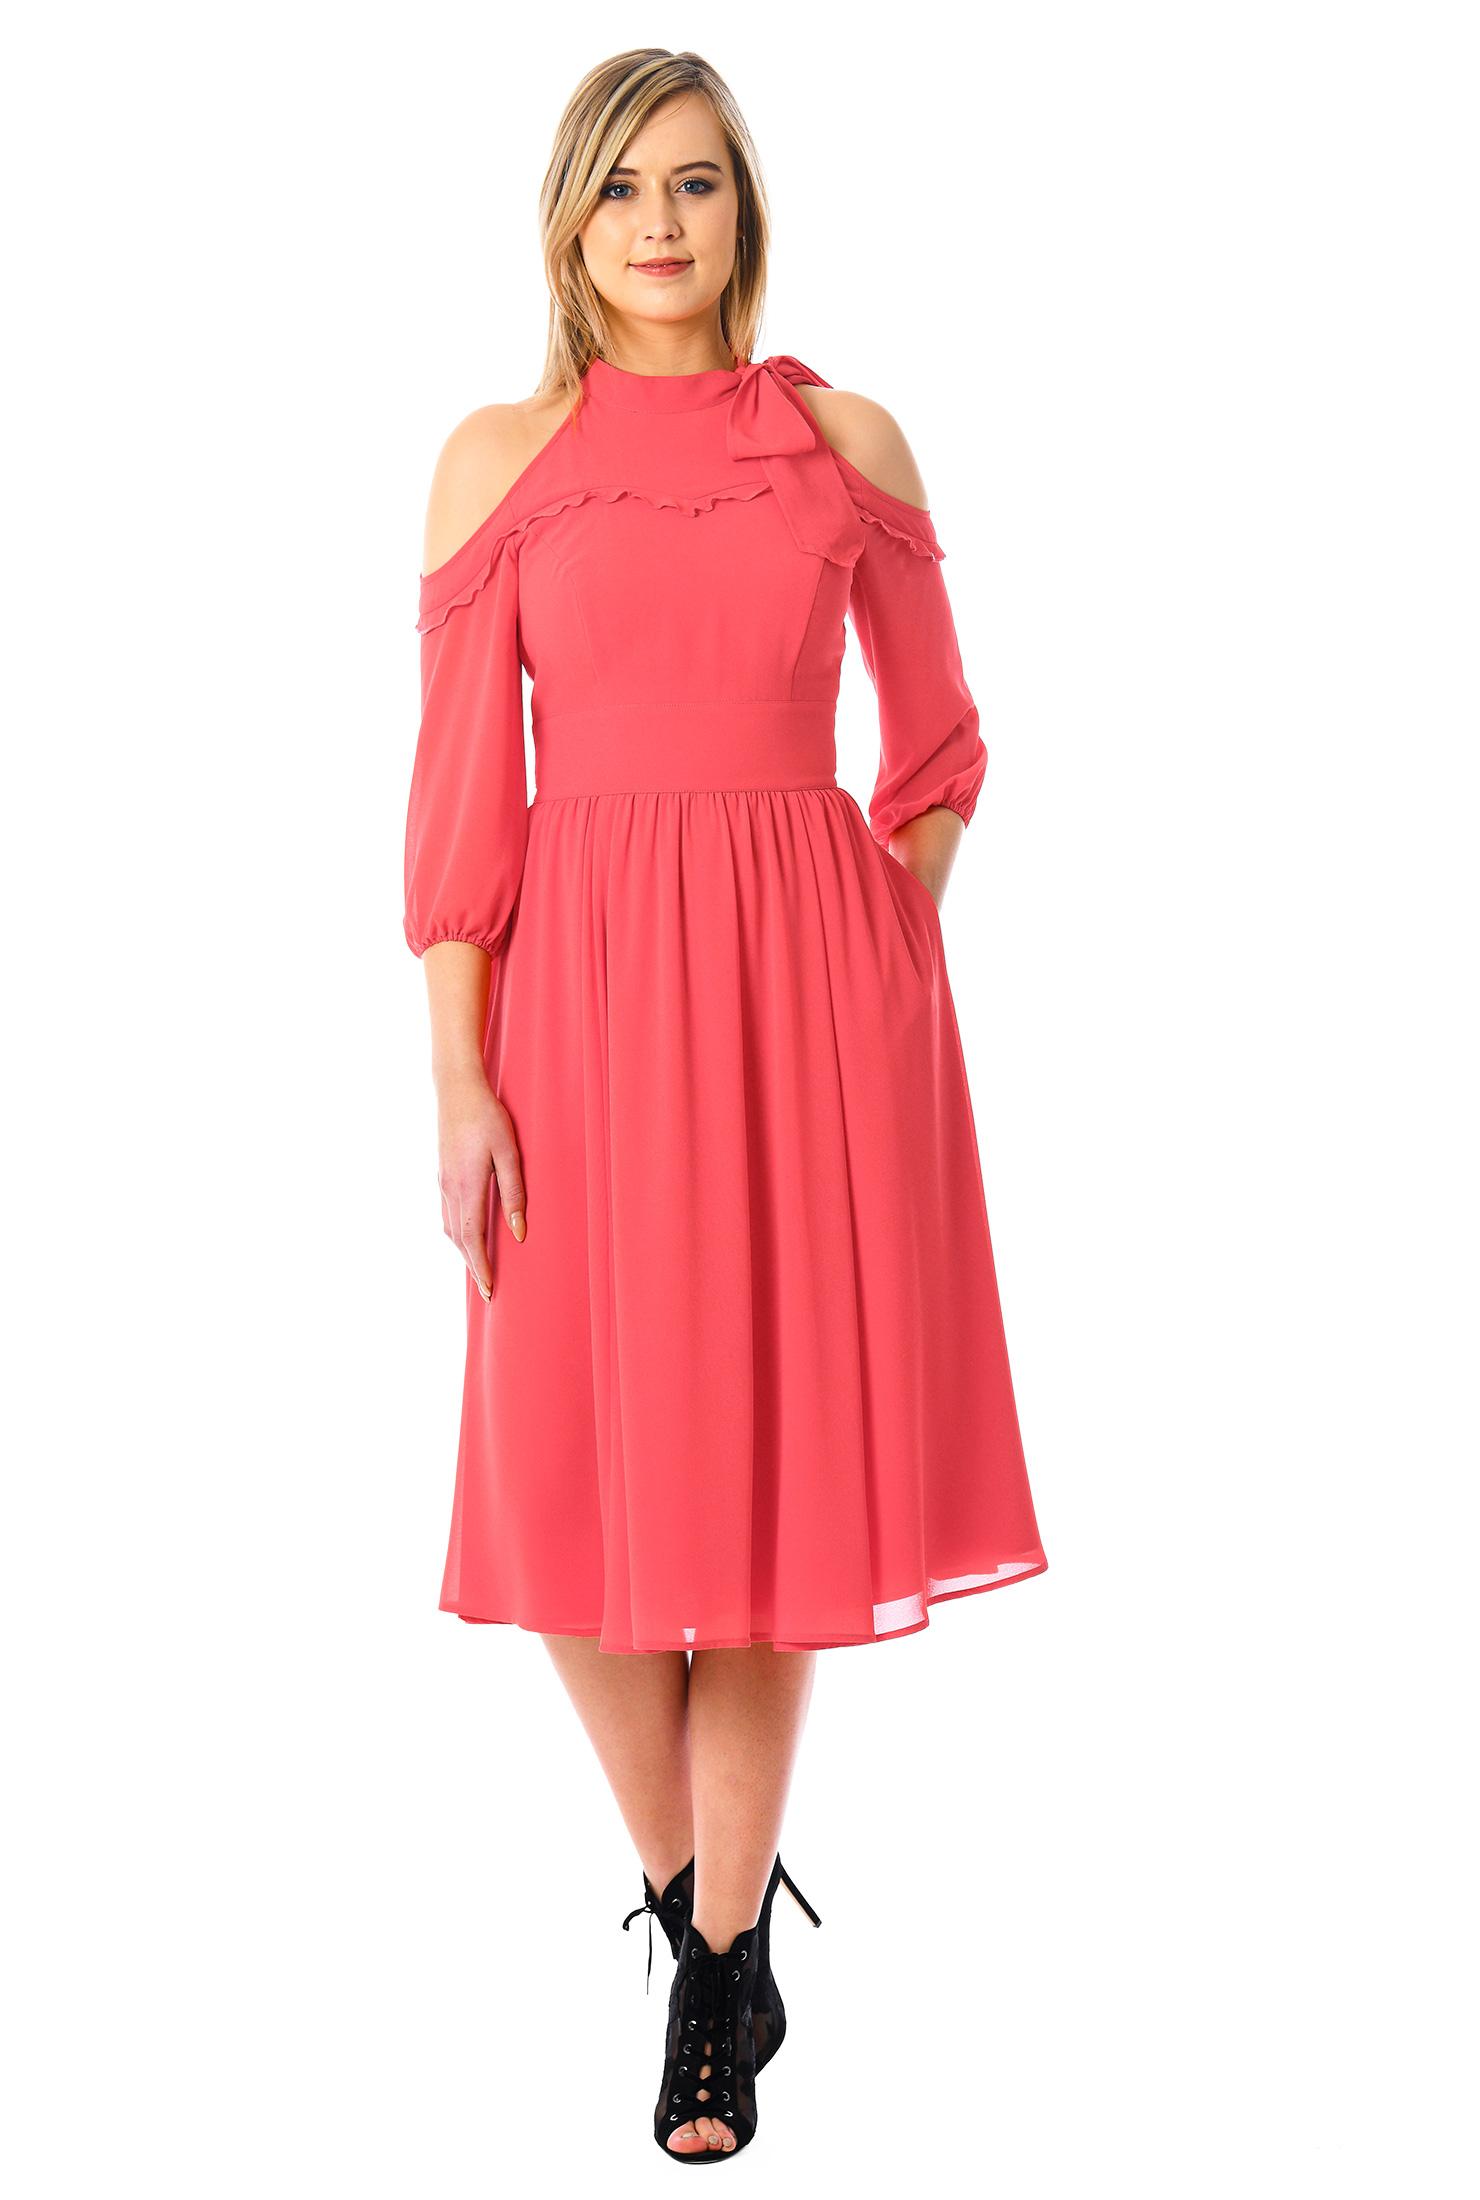 eShakti Women's Cold shoulder ruffle chiffon dress CL0055438